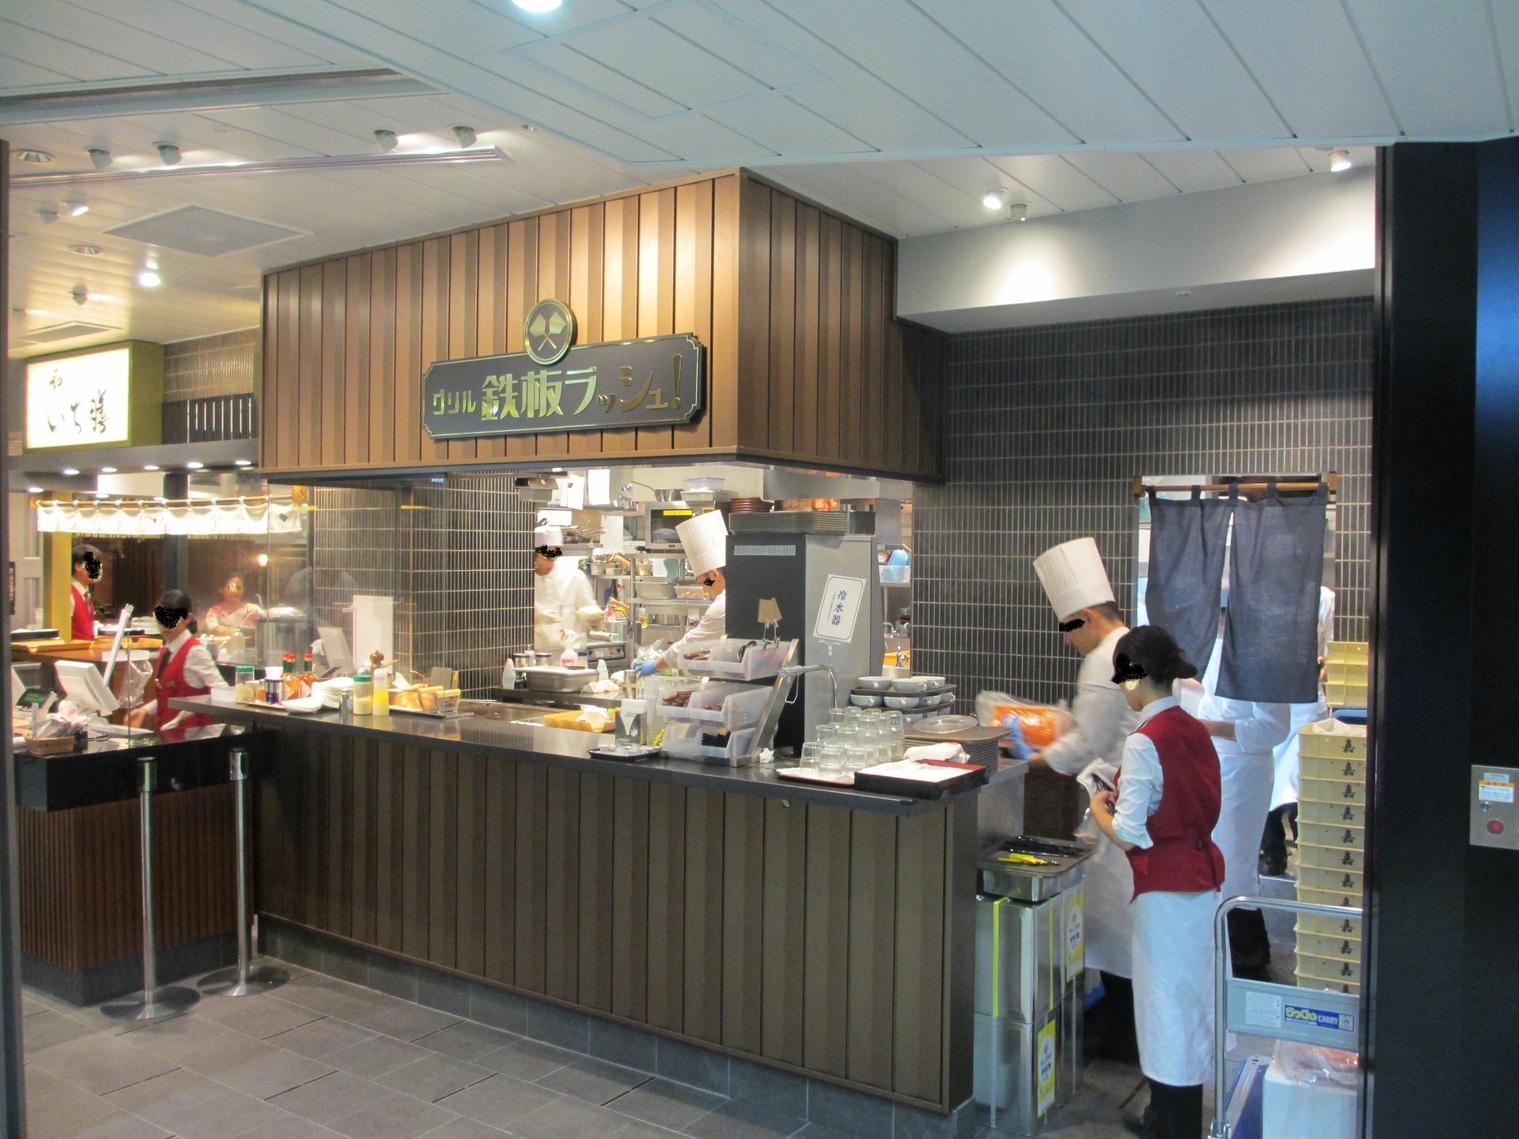 鉄板ラッシュ! エチカフィット永田町店